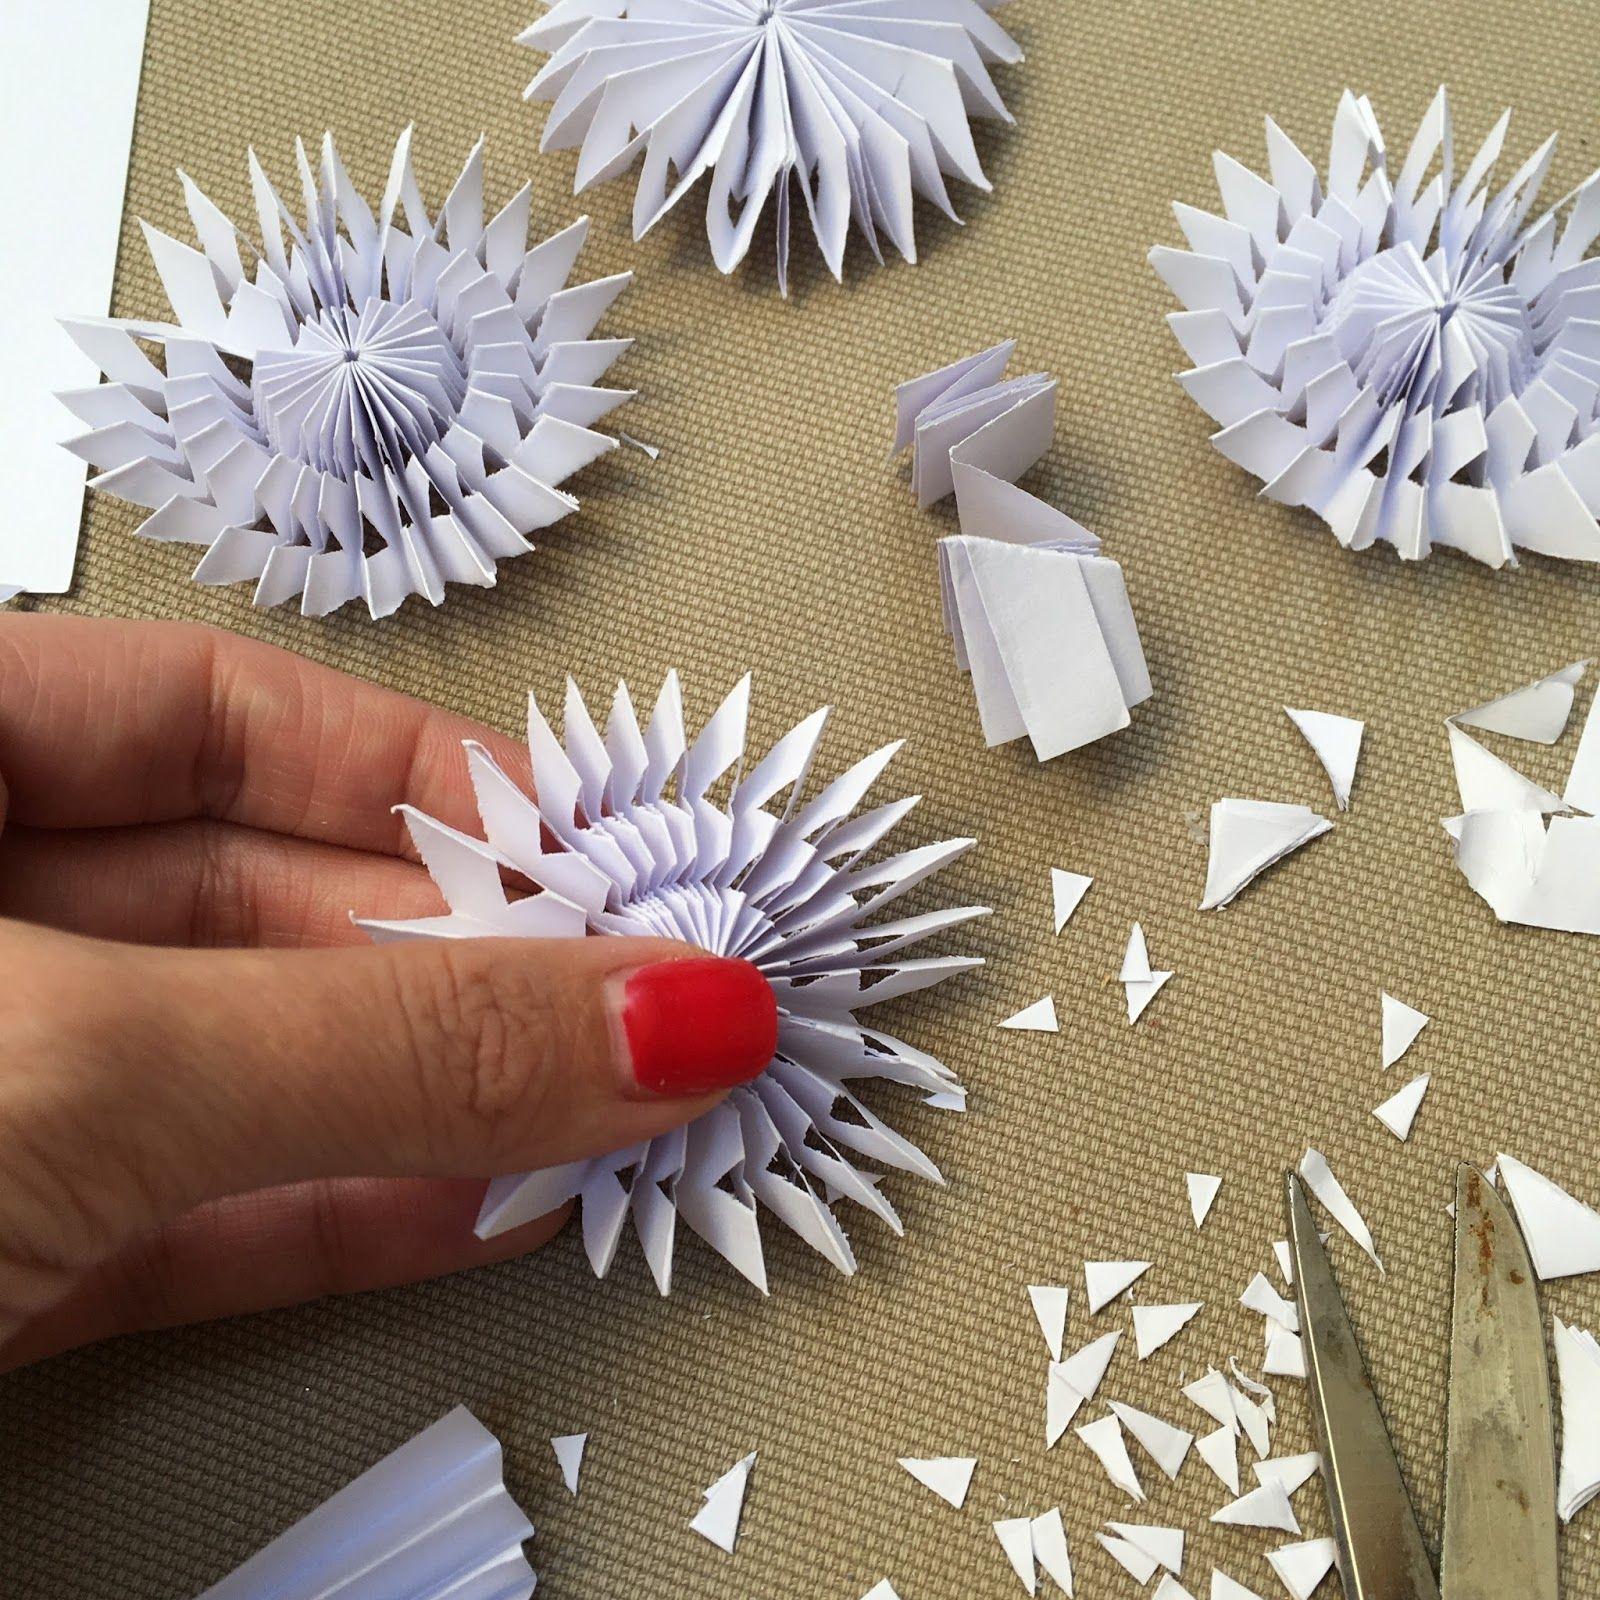 Papírové vánoční ozdoby a dekorace - 1. část | DIY - Paper ... - photo#35